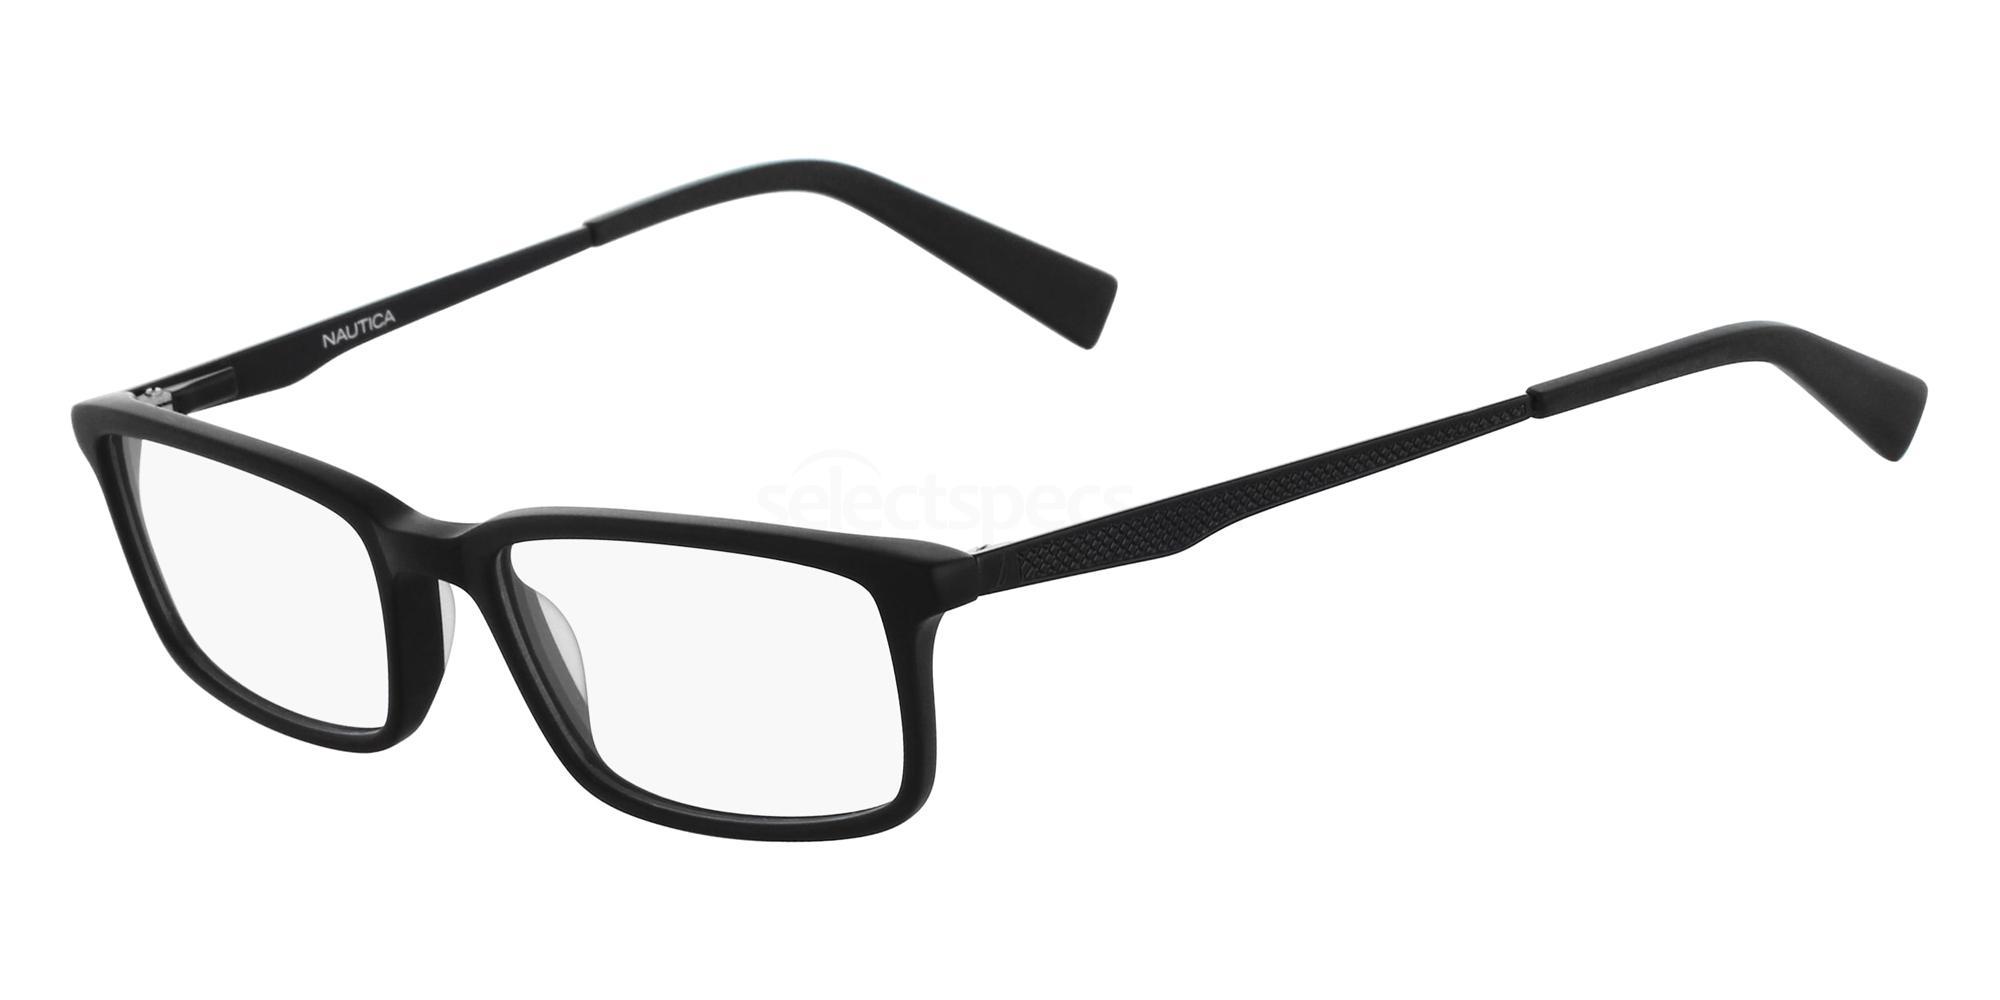 005 N8119 Glasses, Nautica